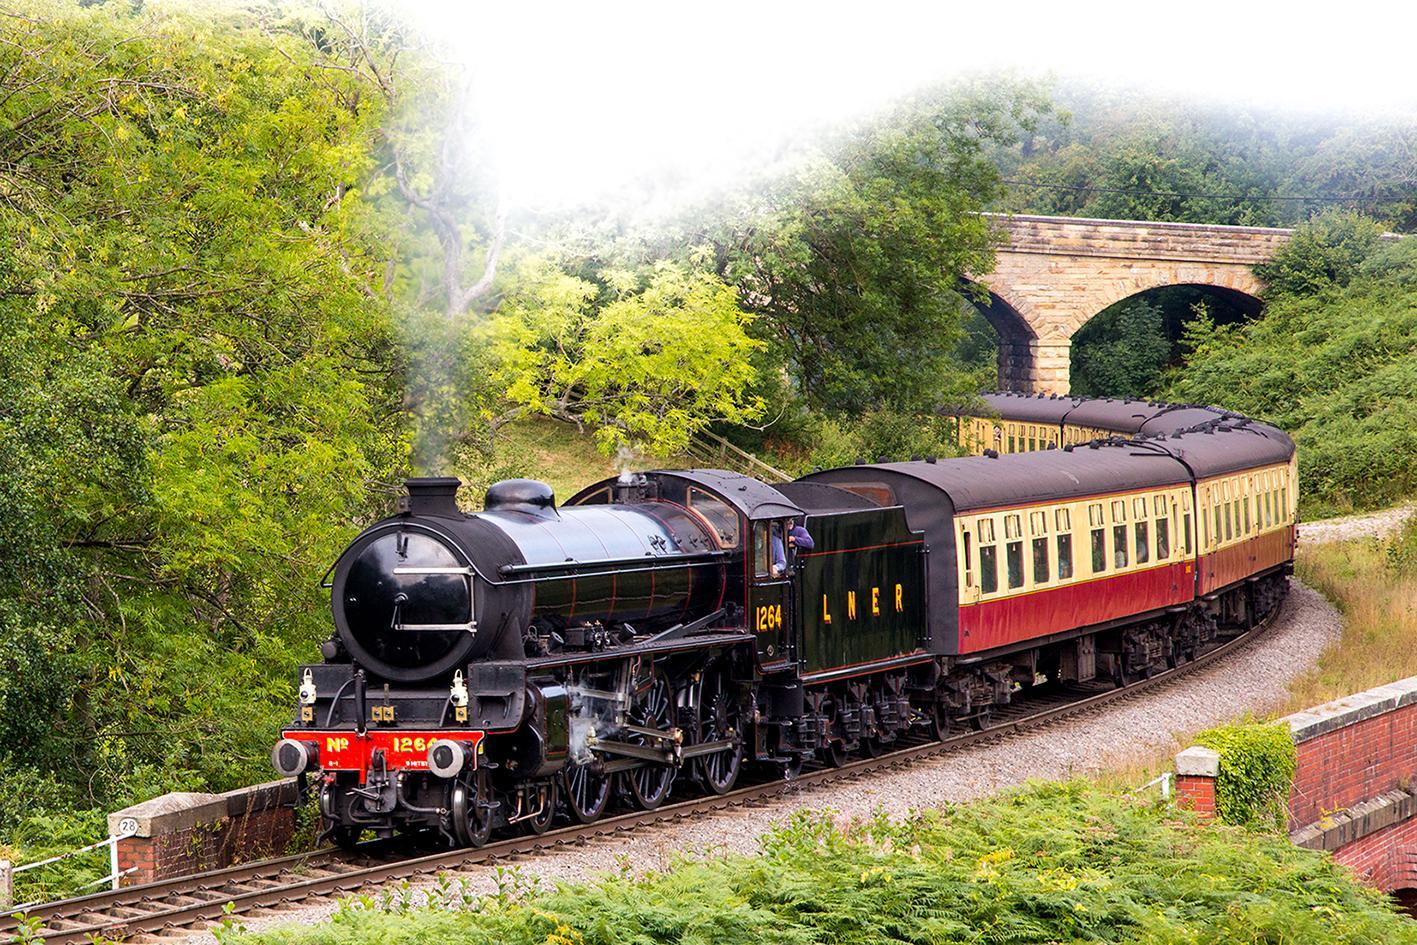 PTSG helps keep heritage railway on track